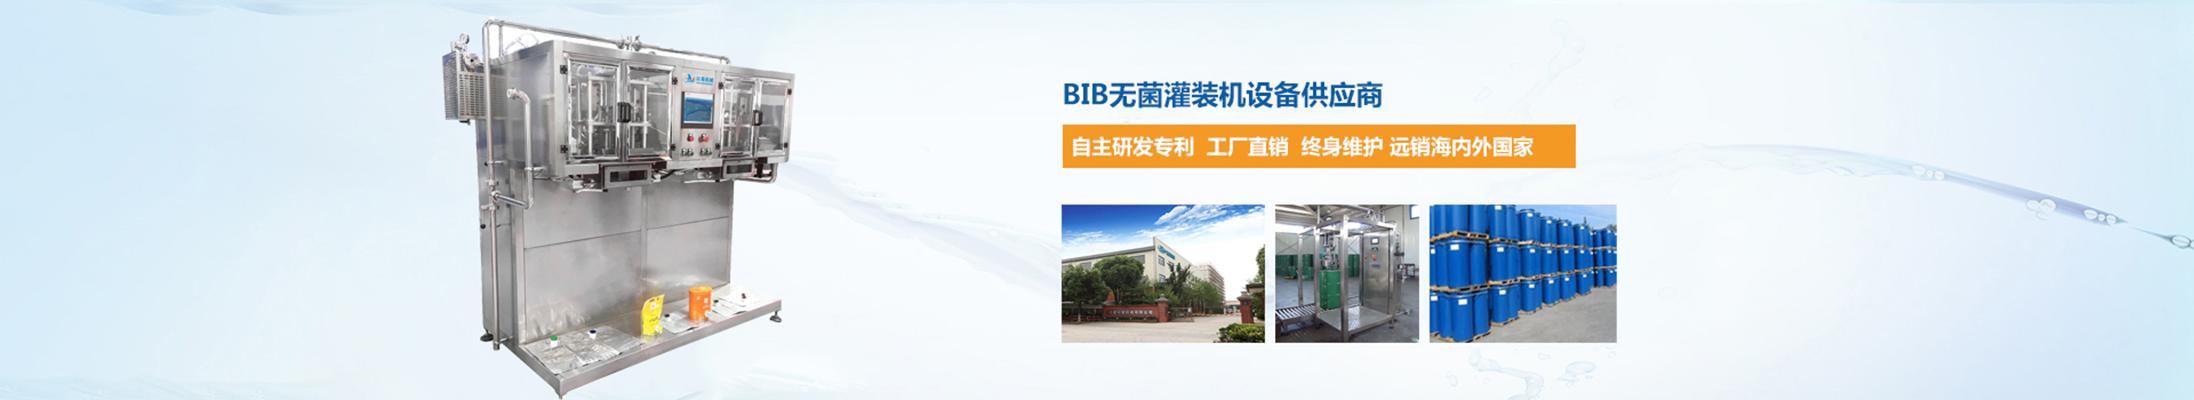 BIB无菌灌装机